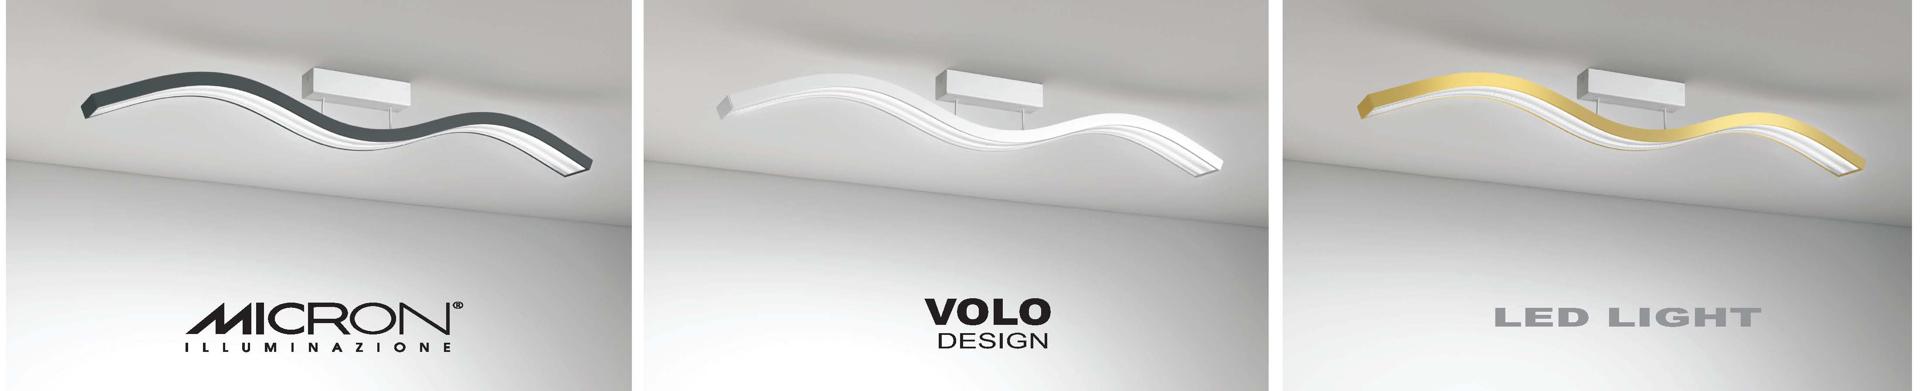 lampadari micron : Illuminazione di design dal 1987 - Micron